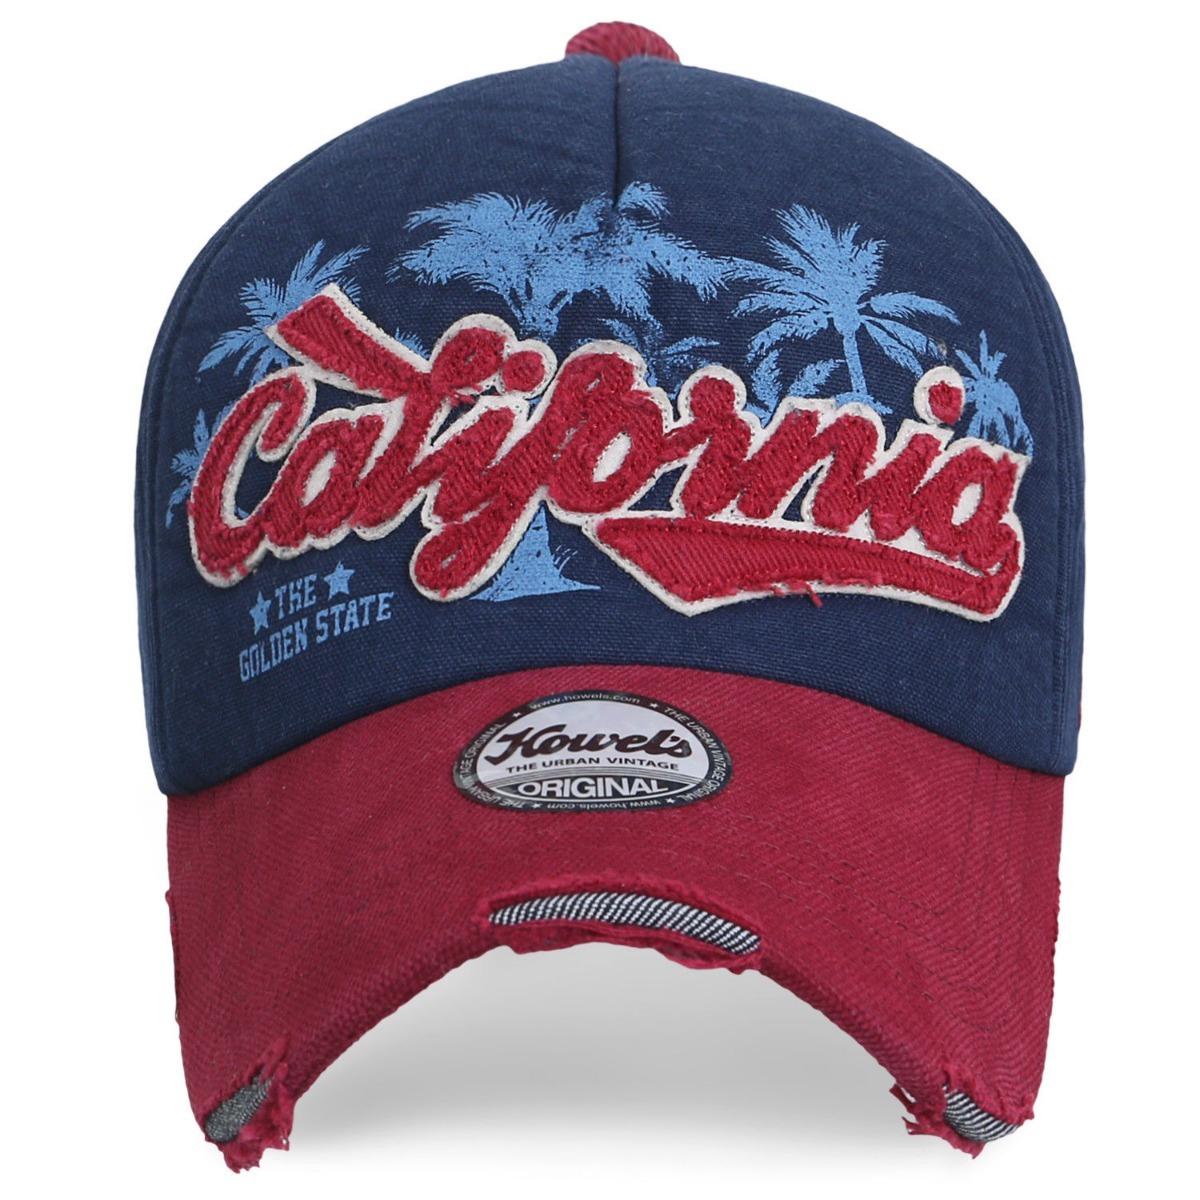 d9c64747 Ililily Vintage California Patch Hat - A Pedido_exkarg - $ 2.700,00 ...